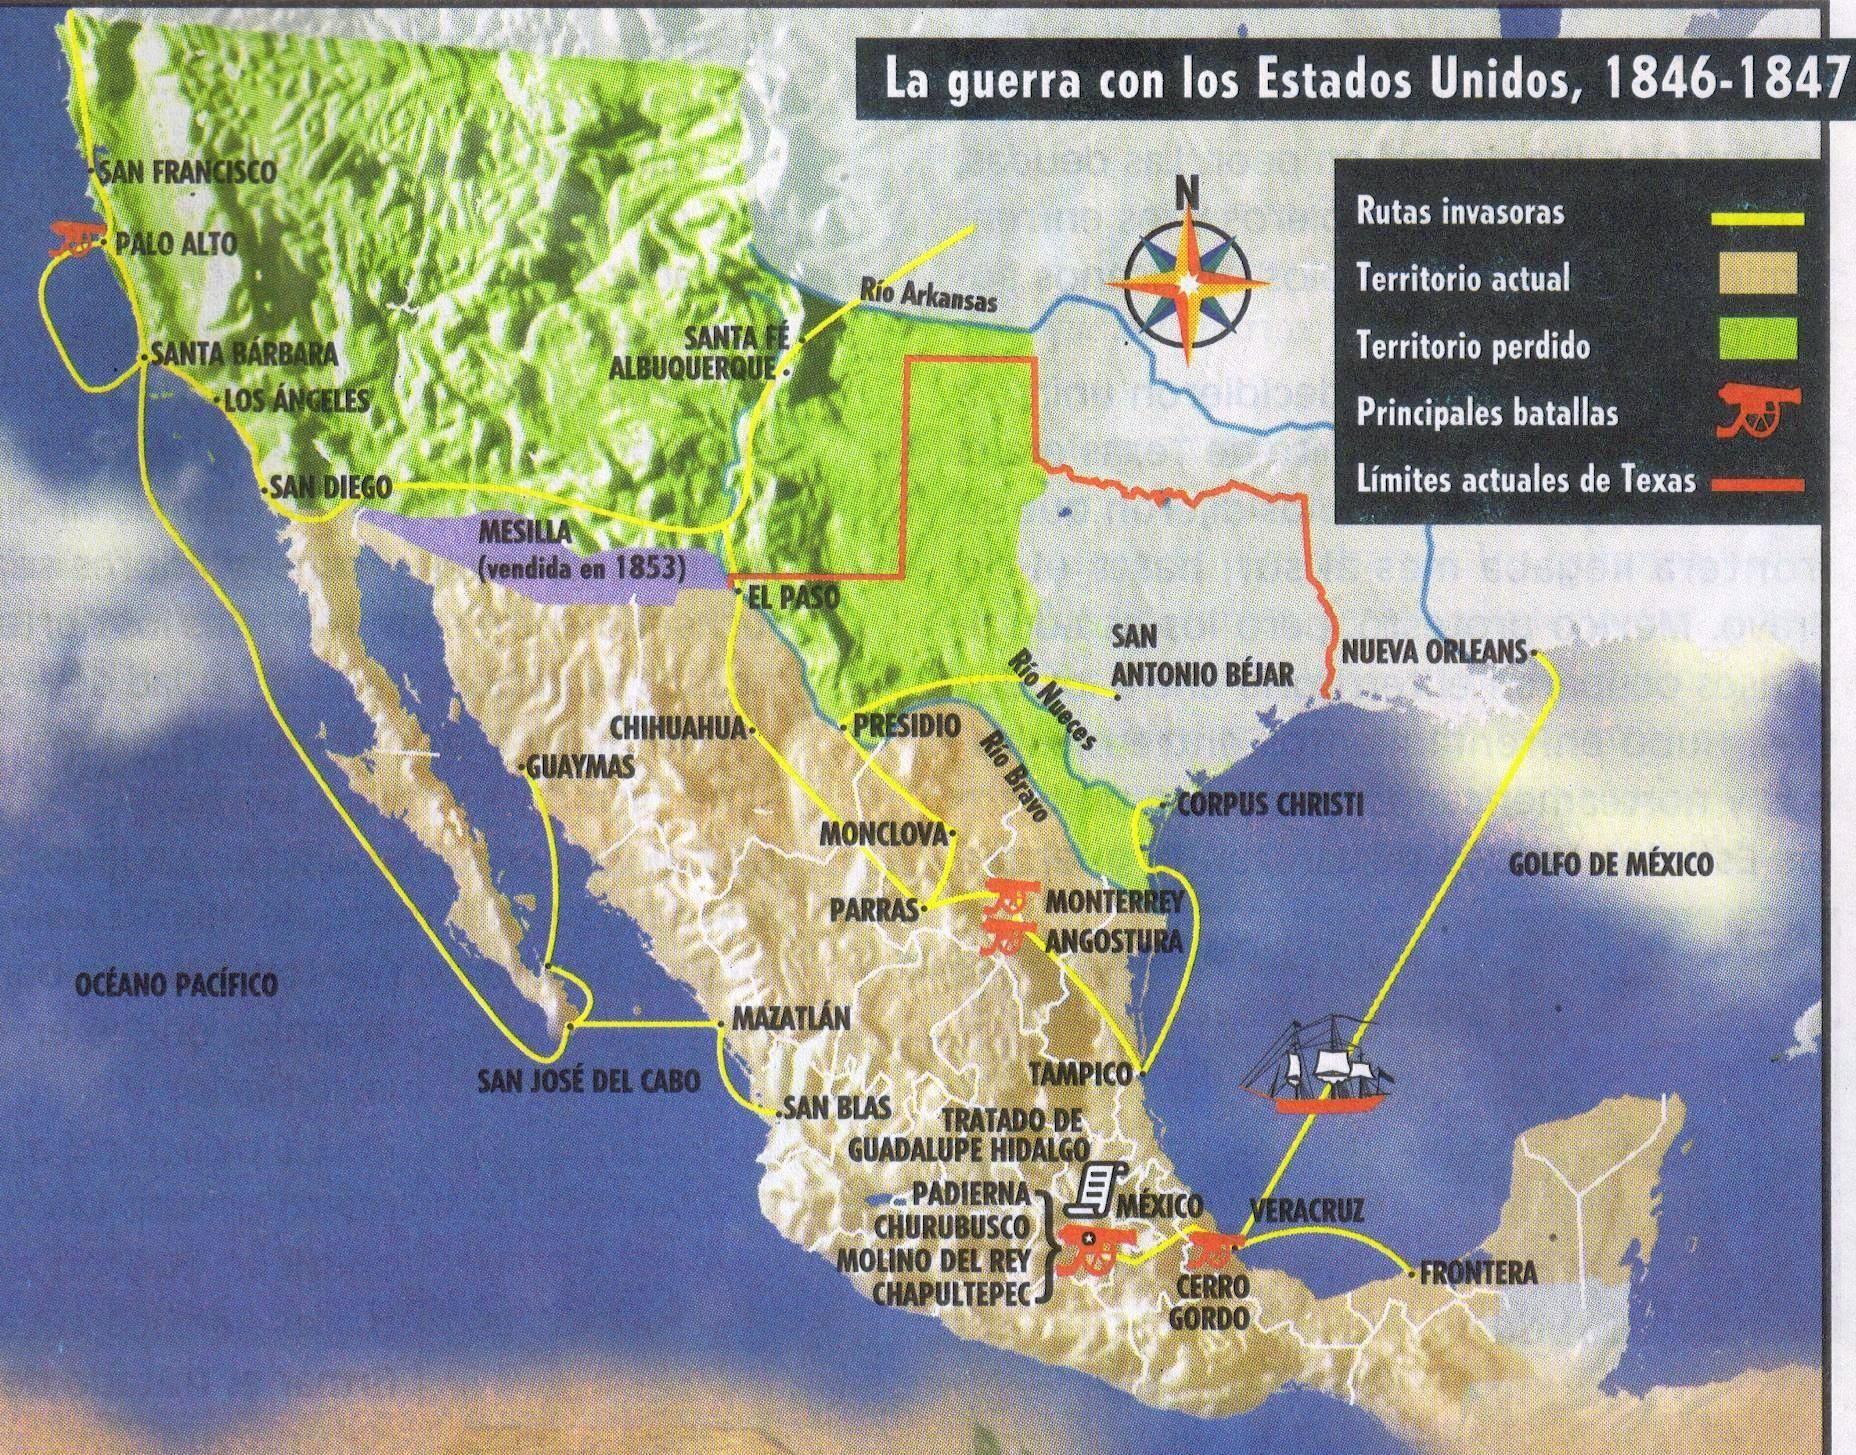 La-guerra-con-los-Estados-Unidos-1846-1847-mapas-Sinaloa-México.jpg ...